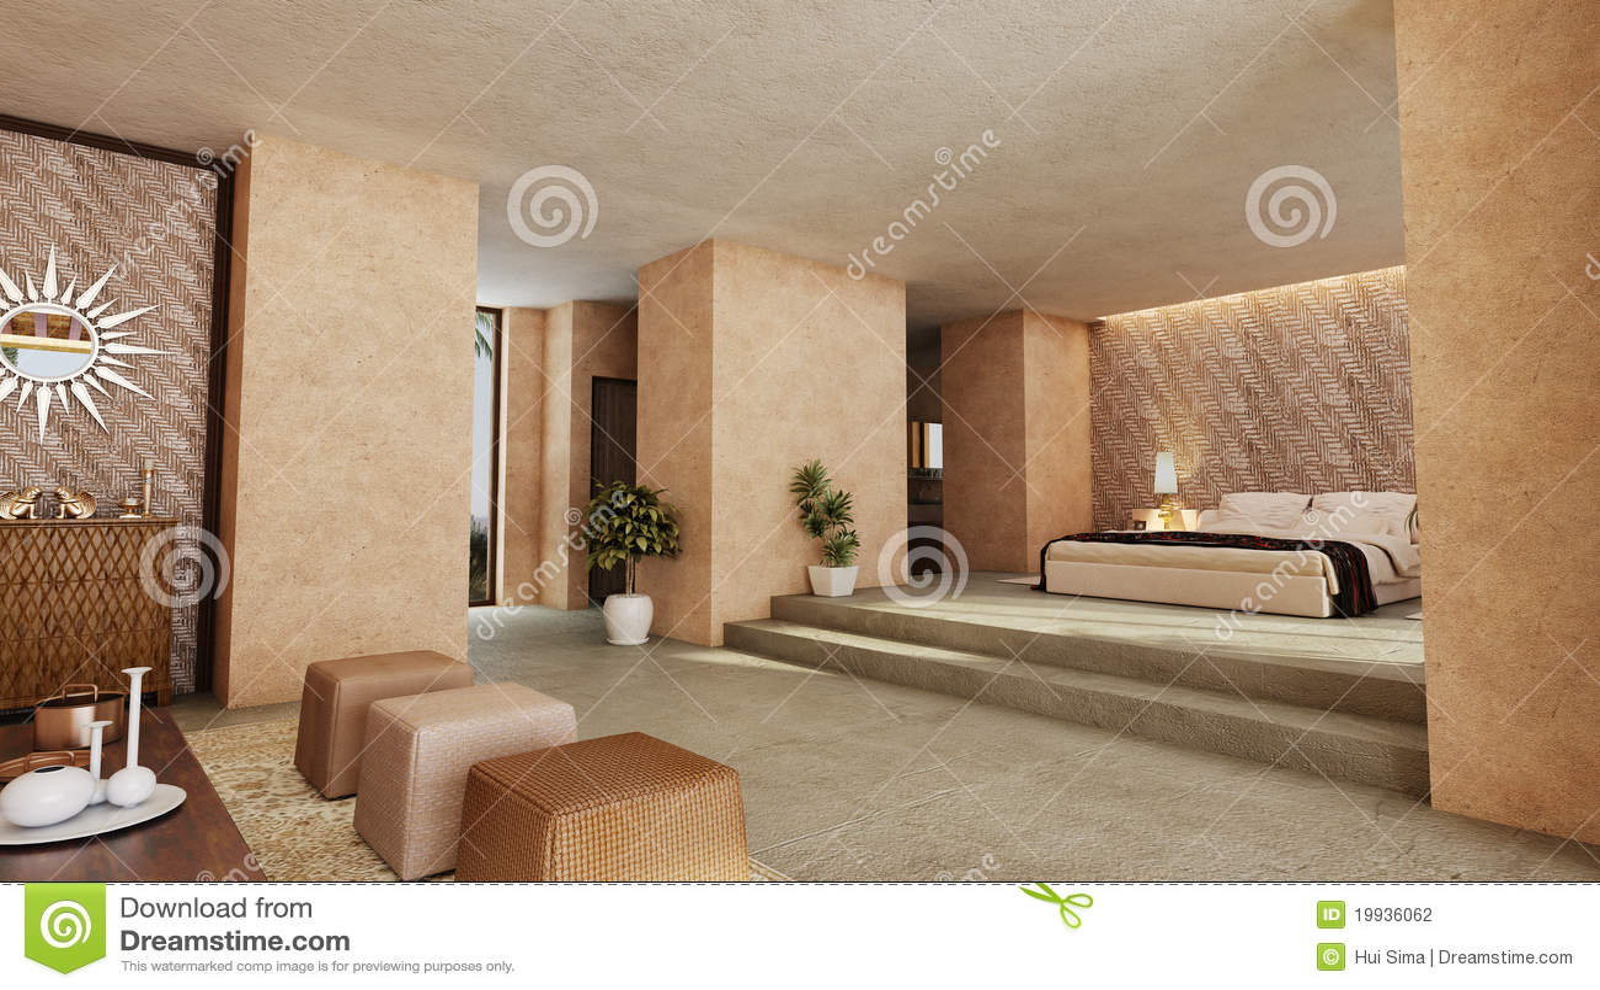 Camera da letto di stile arabo illustrazione di stock - Camere da letto orientali ...